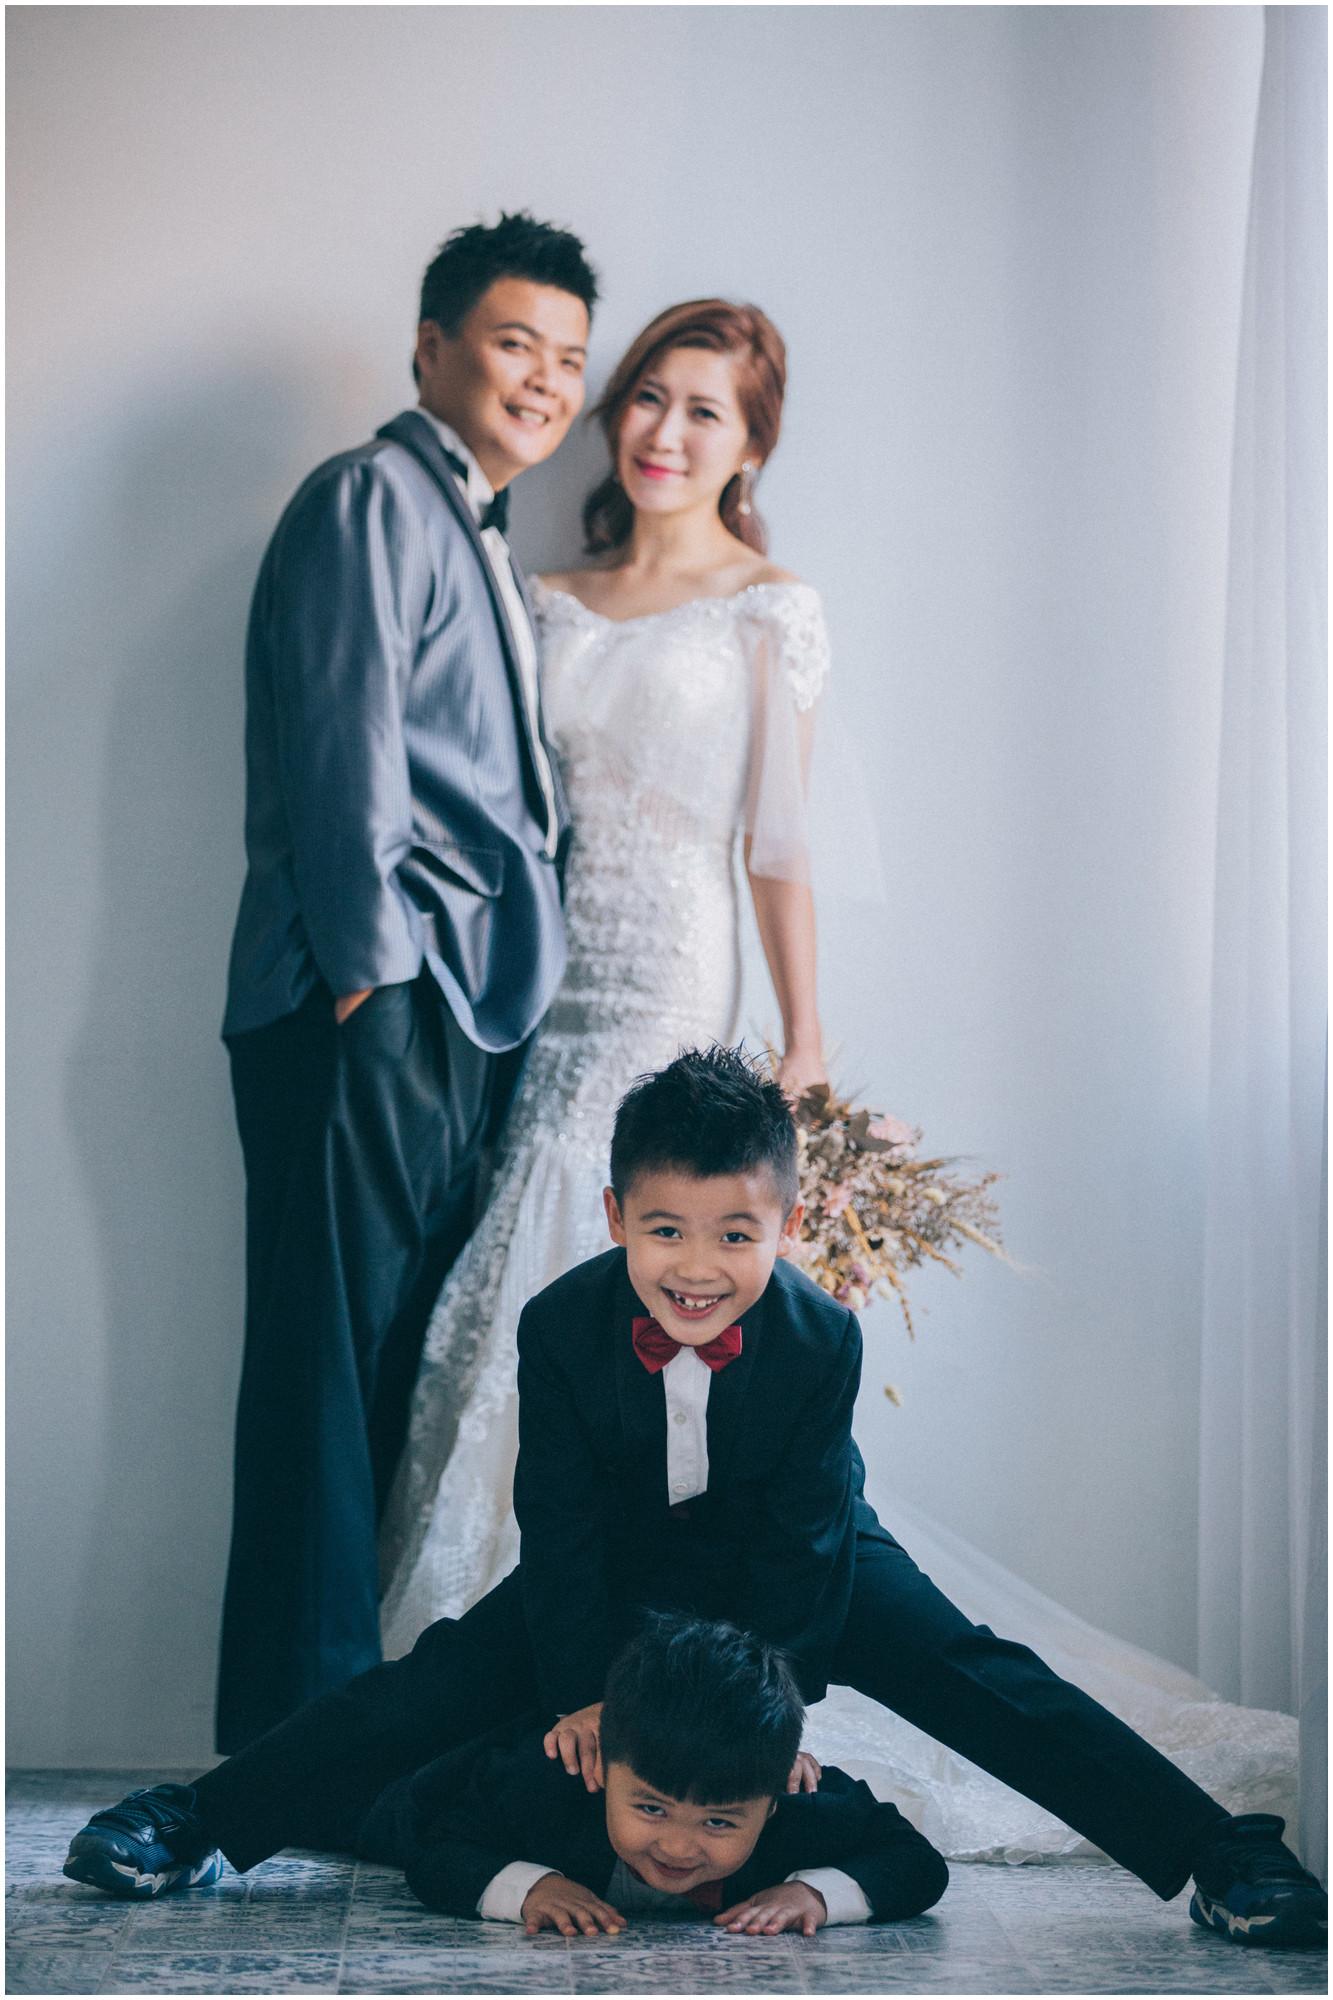 板橋親子寫真 / 台北親子寫真 / 個性寫真 / 雜誌風 / 素人寫真 / 全家福 / 到府拍攝 / 居家拍攝 / 親子婚紗